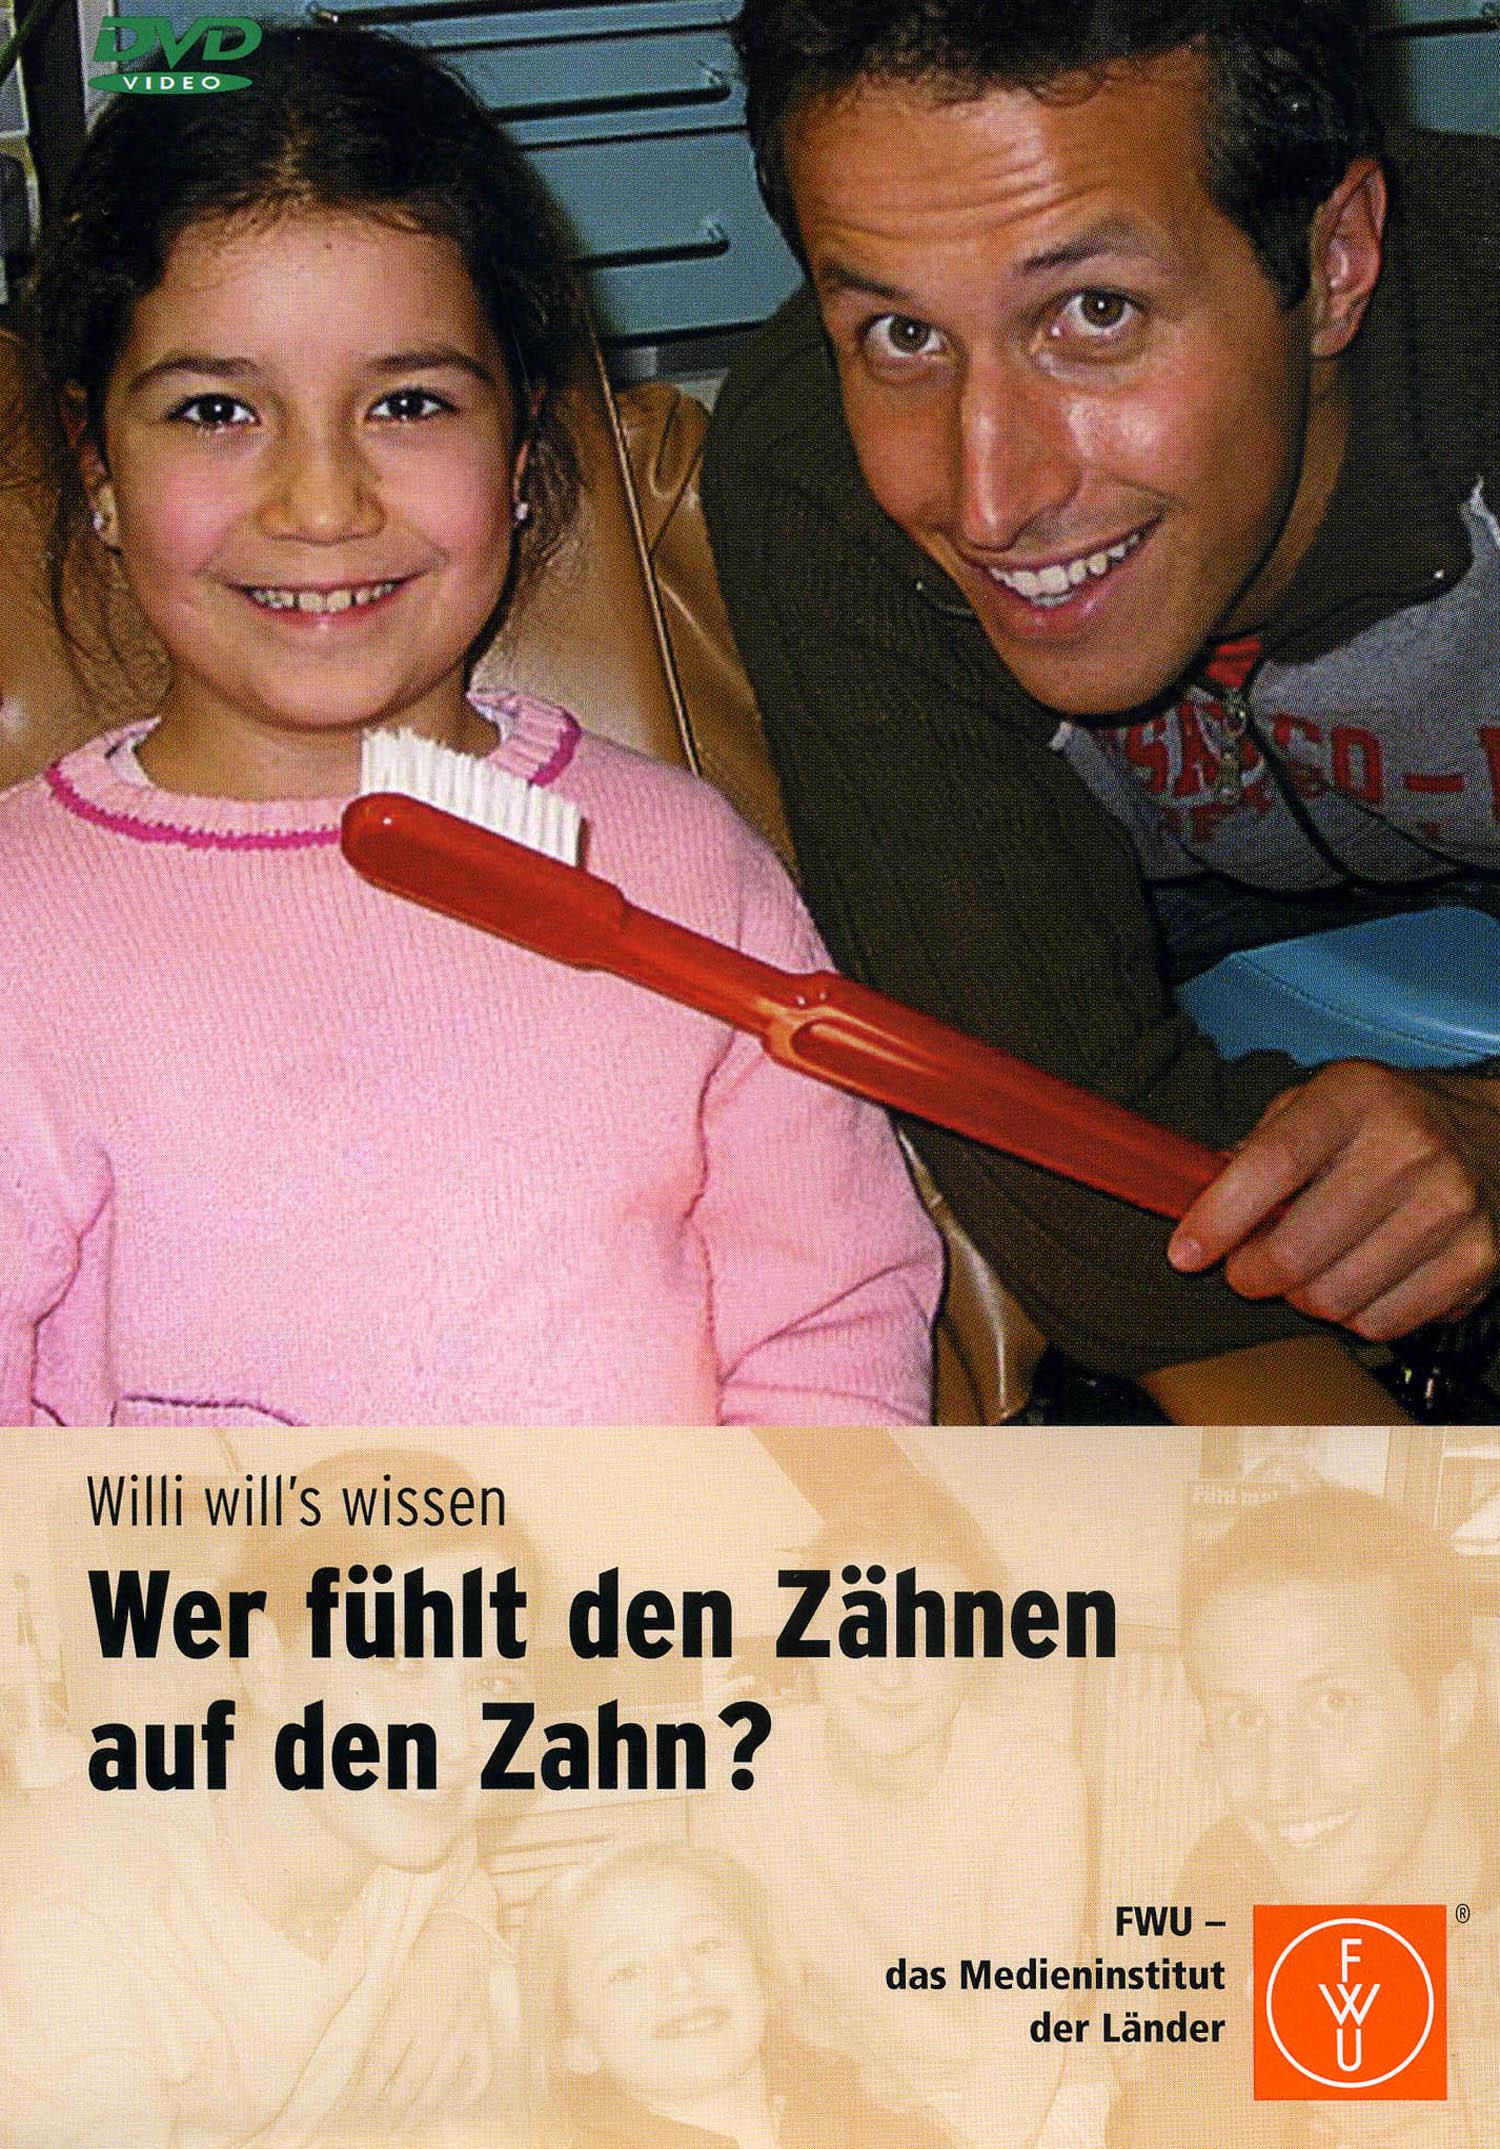 Willi will´s wissen: Wer fühlt den Zähnen auf den Zahn?